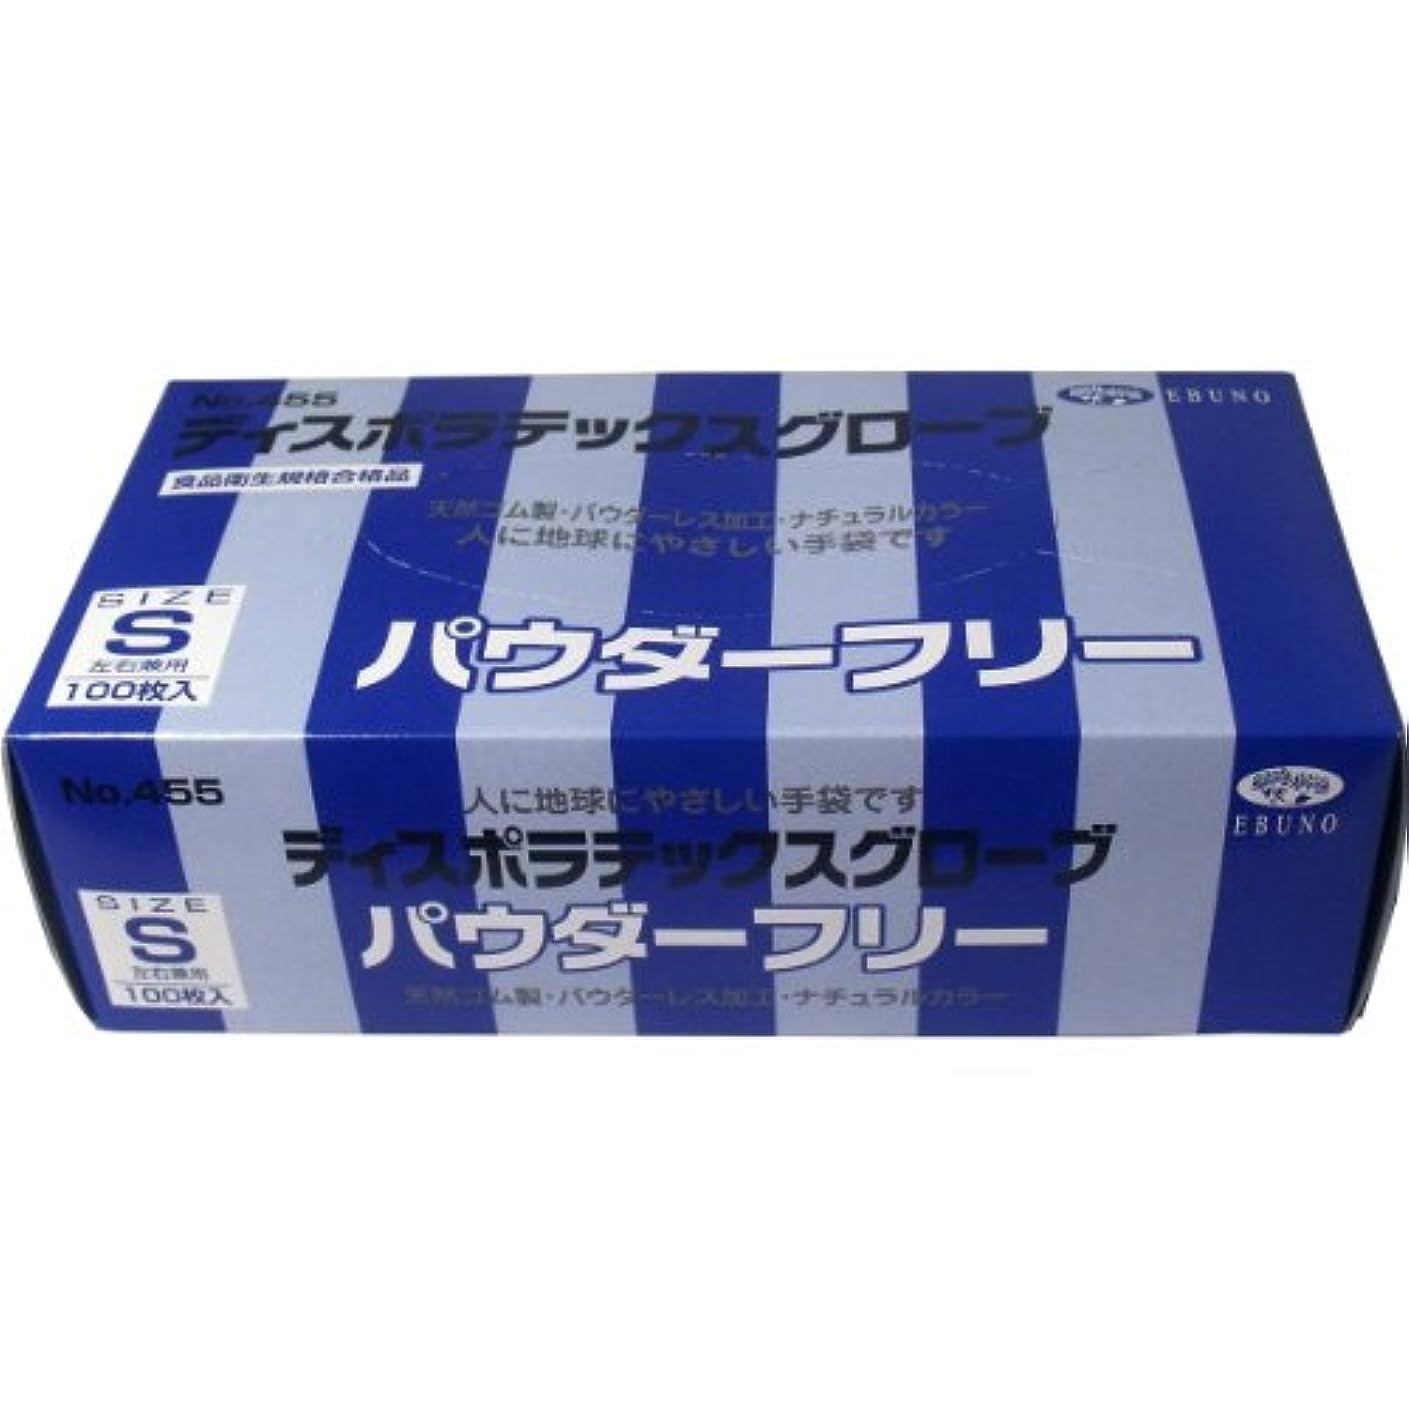 収まる添加剤こするディスポ ラテックスグローブ(天然ゴム手袋) パウダーフリー Sサイズ 100枚入×2個セット